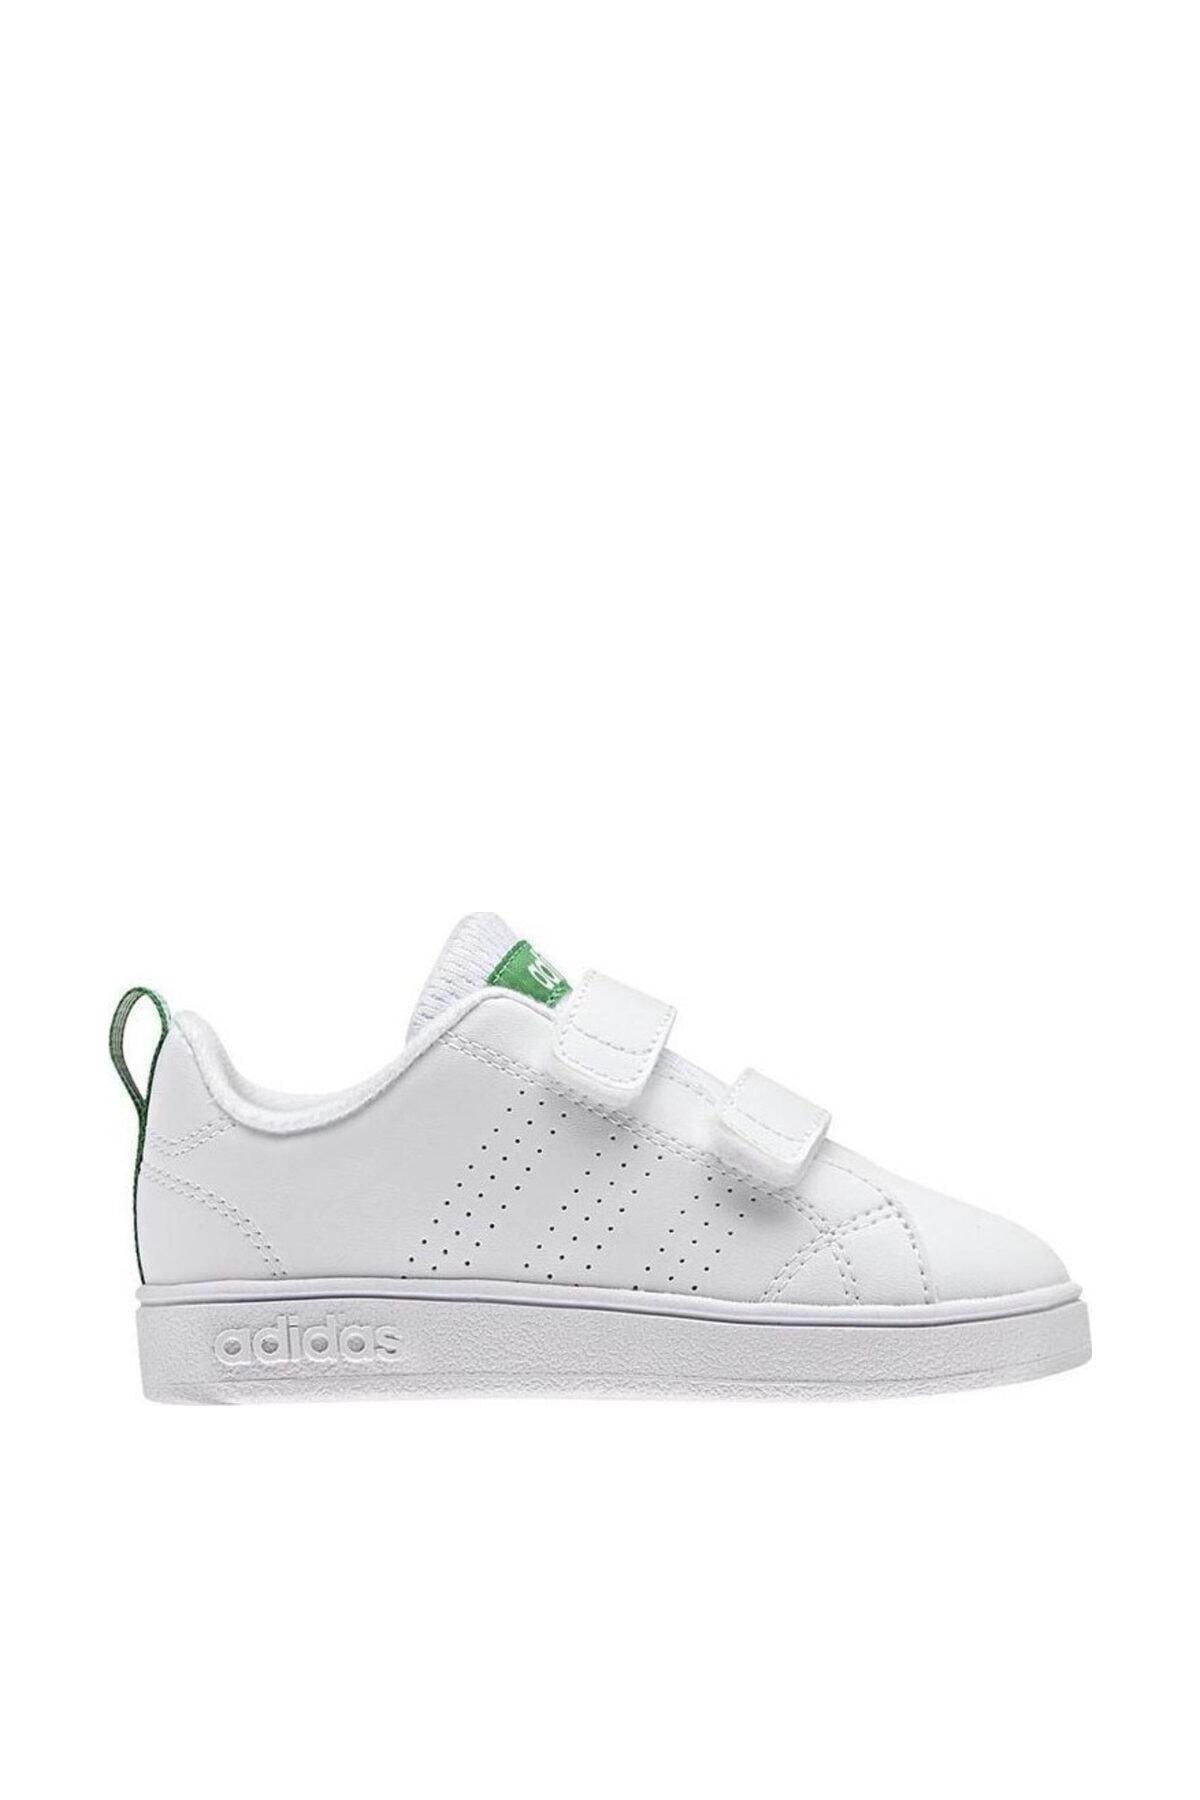 adidas VS ADVANTAGE CLEAN INF Beyaz Yeşil Erkek Çocuk Tenis Ayakkabısı 100260378 1